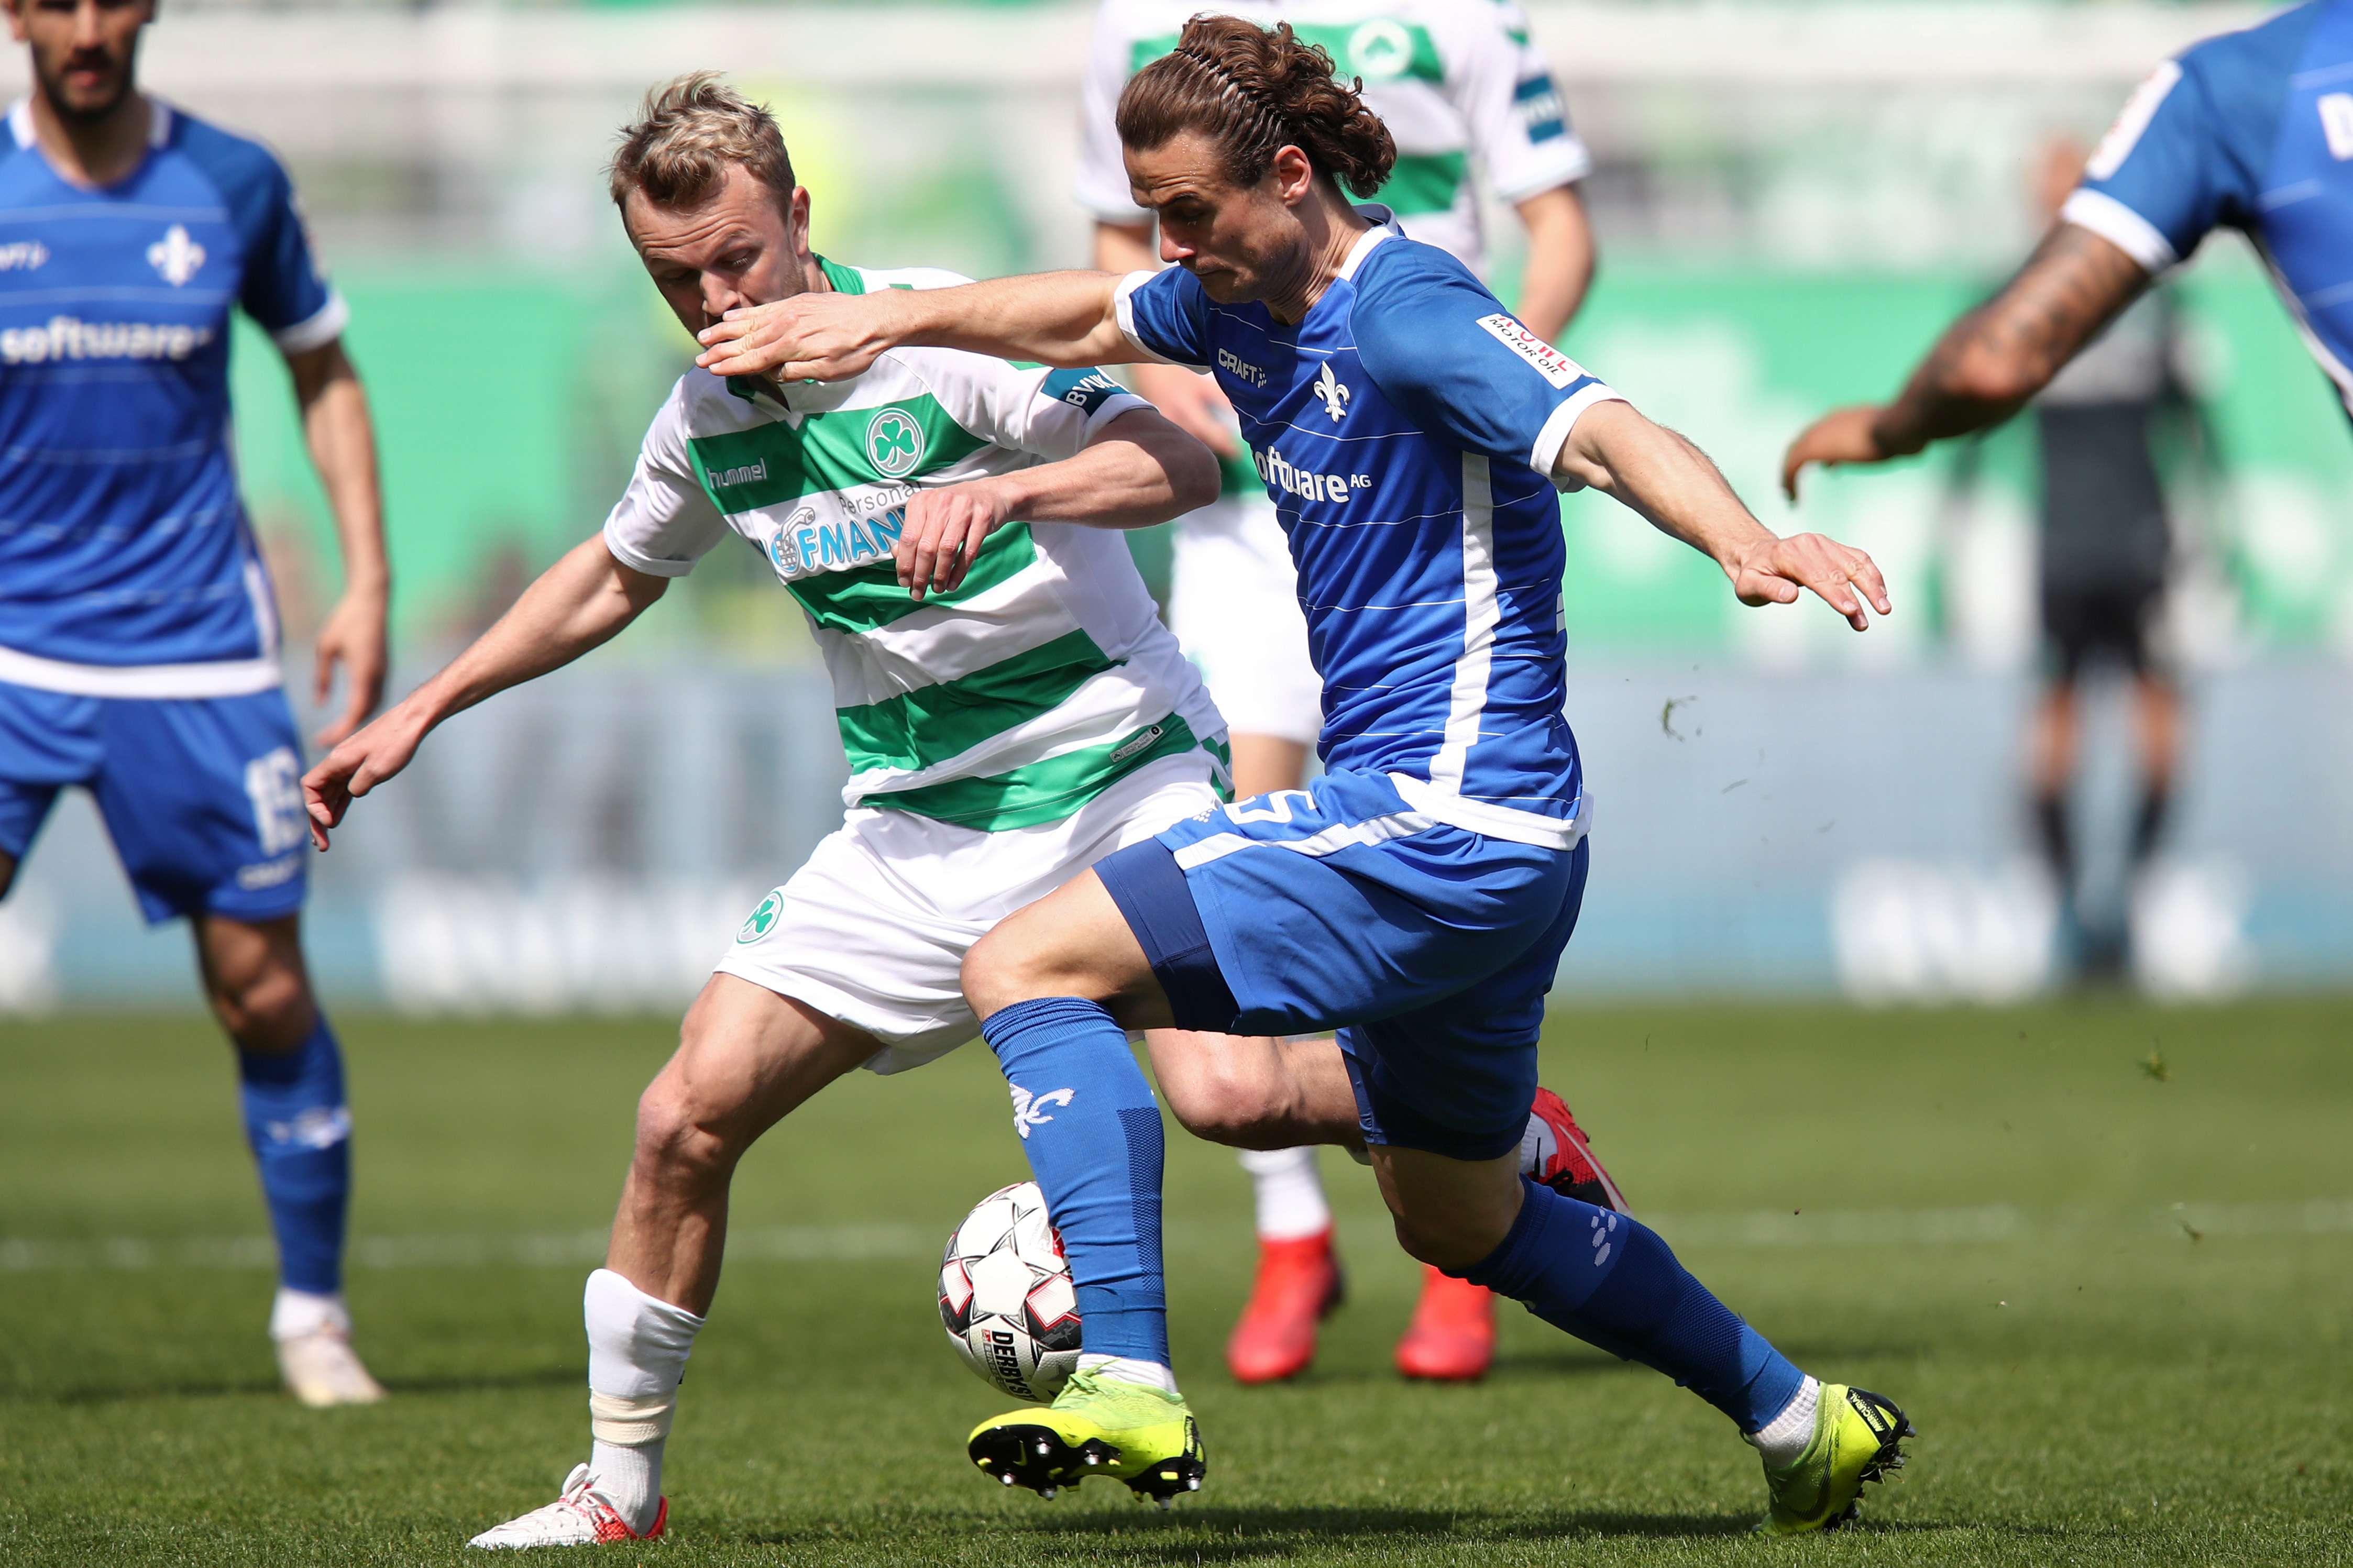 Spielszene SpVgg Gr. Fürth - SV Darmstadt 98